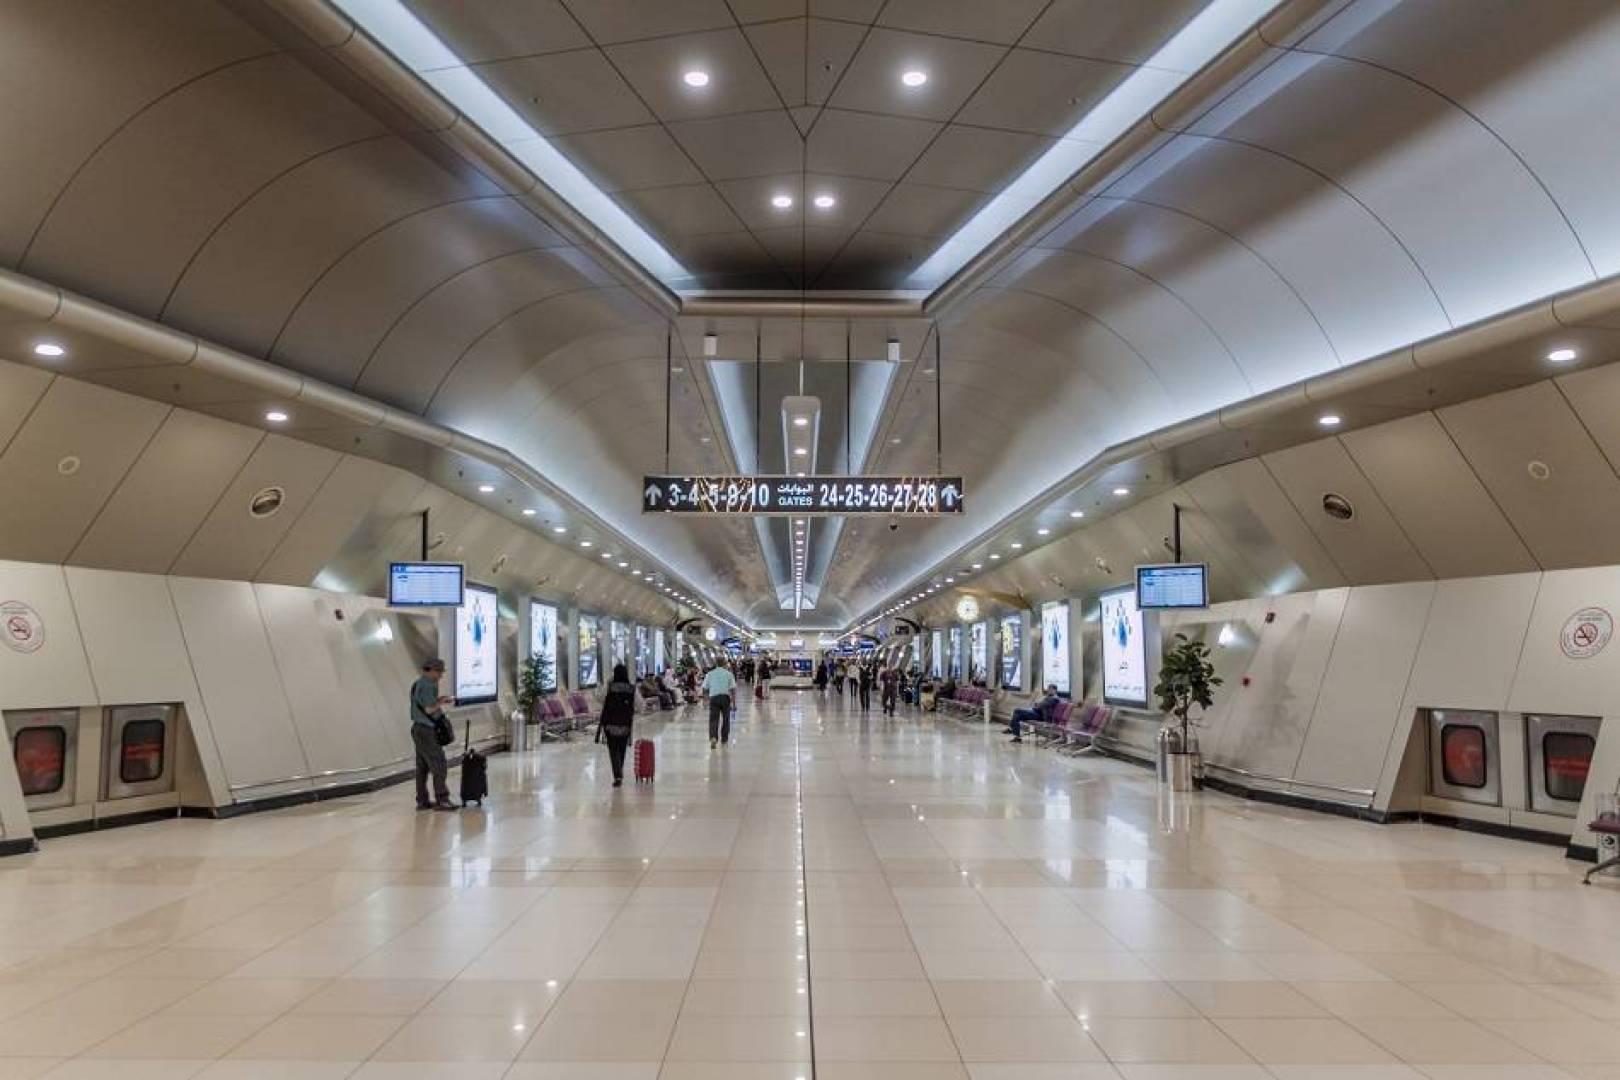 الطيران المدني: تشغيل المطار بنسبة 100% سيستغرق 12 شهراً